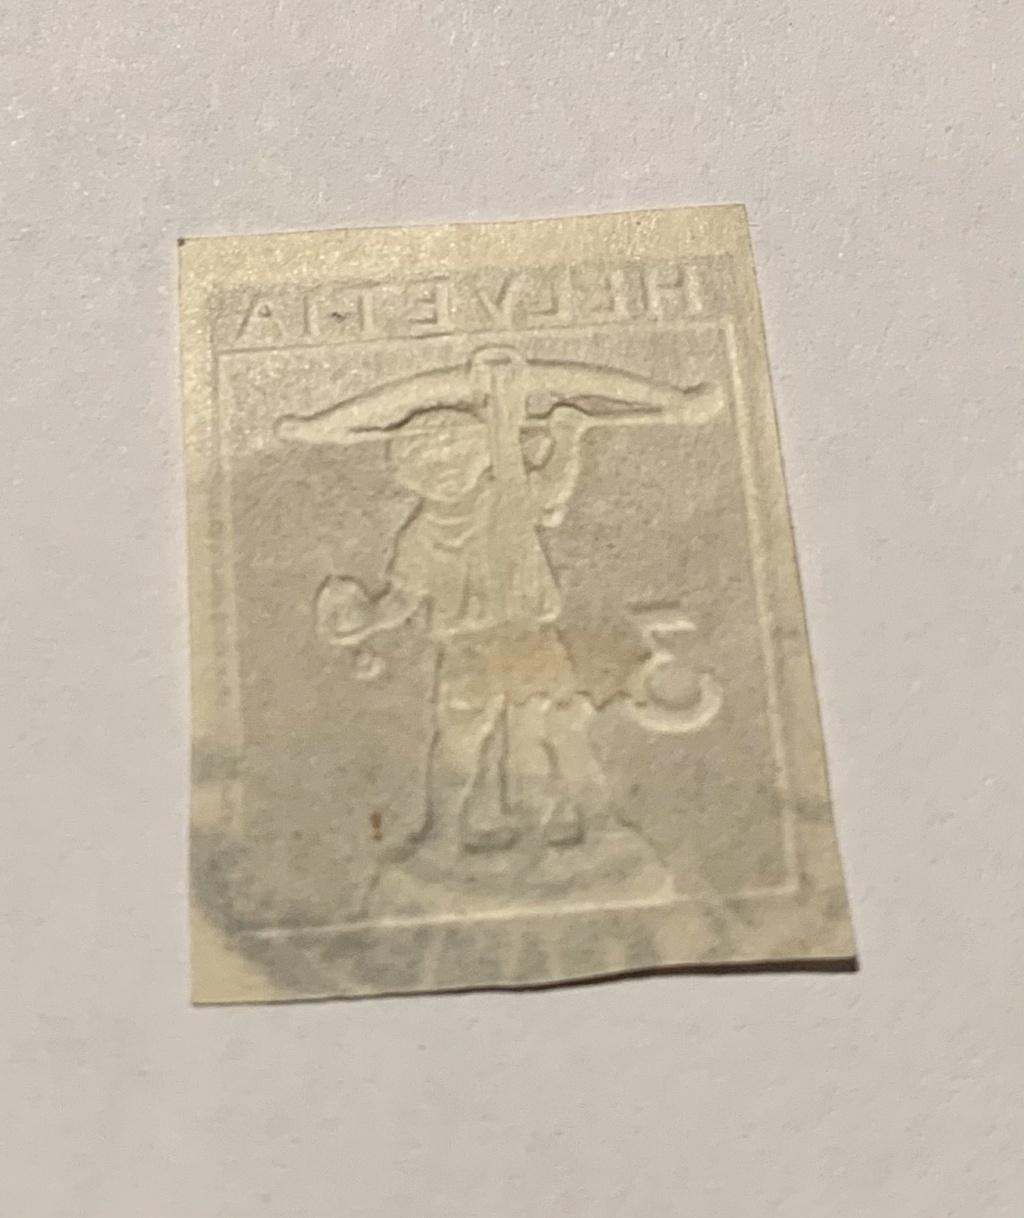 Identifizierung Wilhelm Tells Sohn 6fab3910